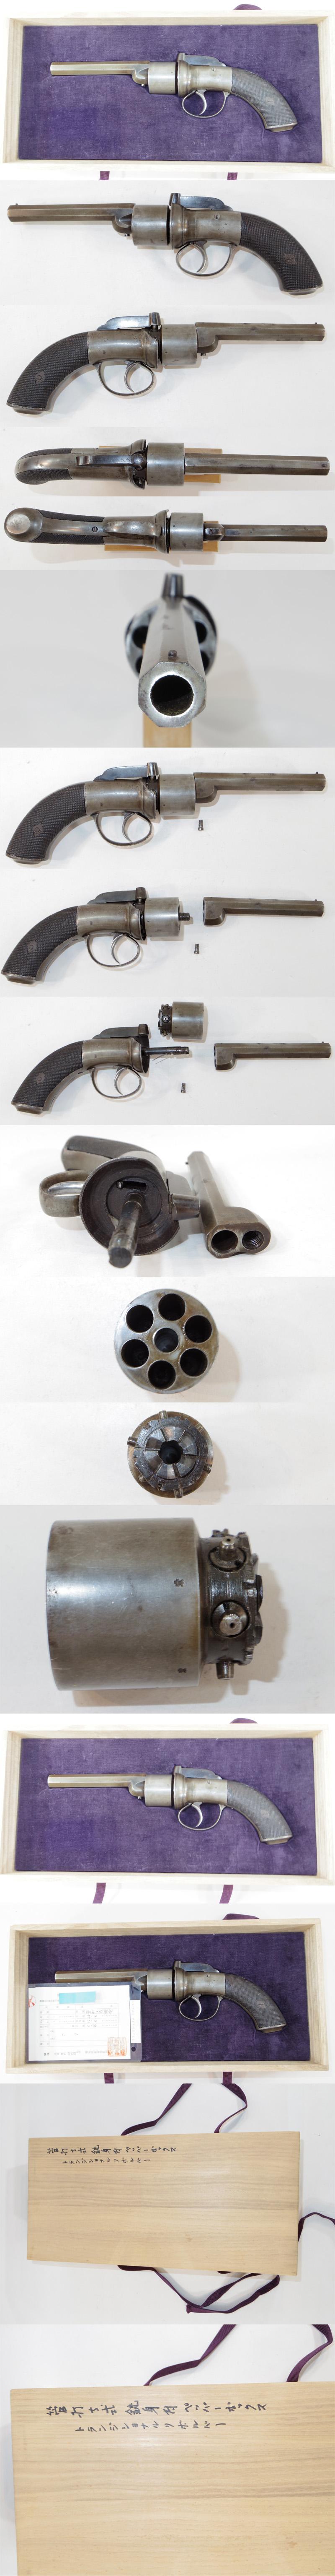 (バーハンマー6連発リボルバー) 管打銃   バーミンガム(イギリス)のプルーフマーク各部分画像